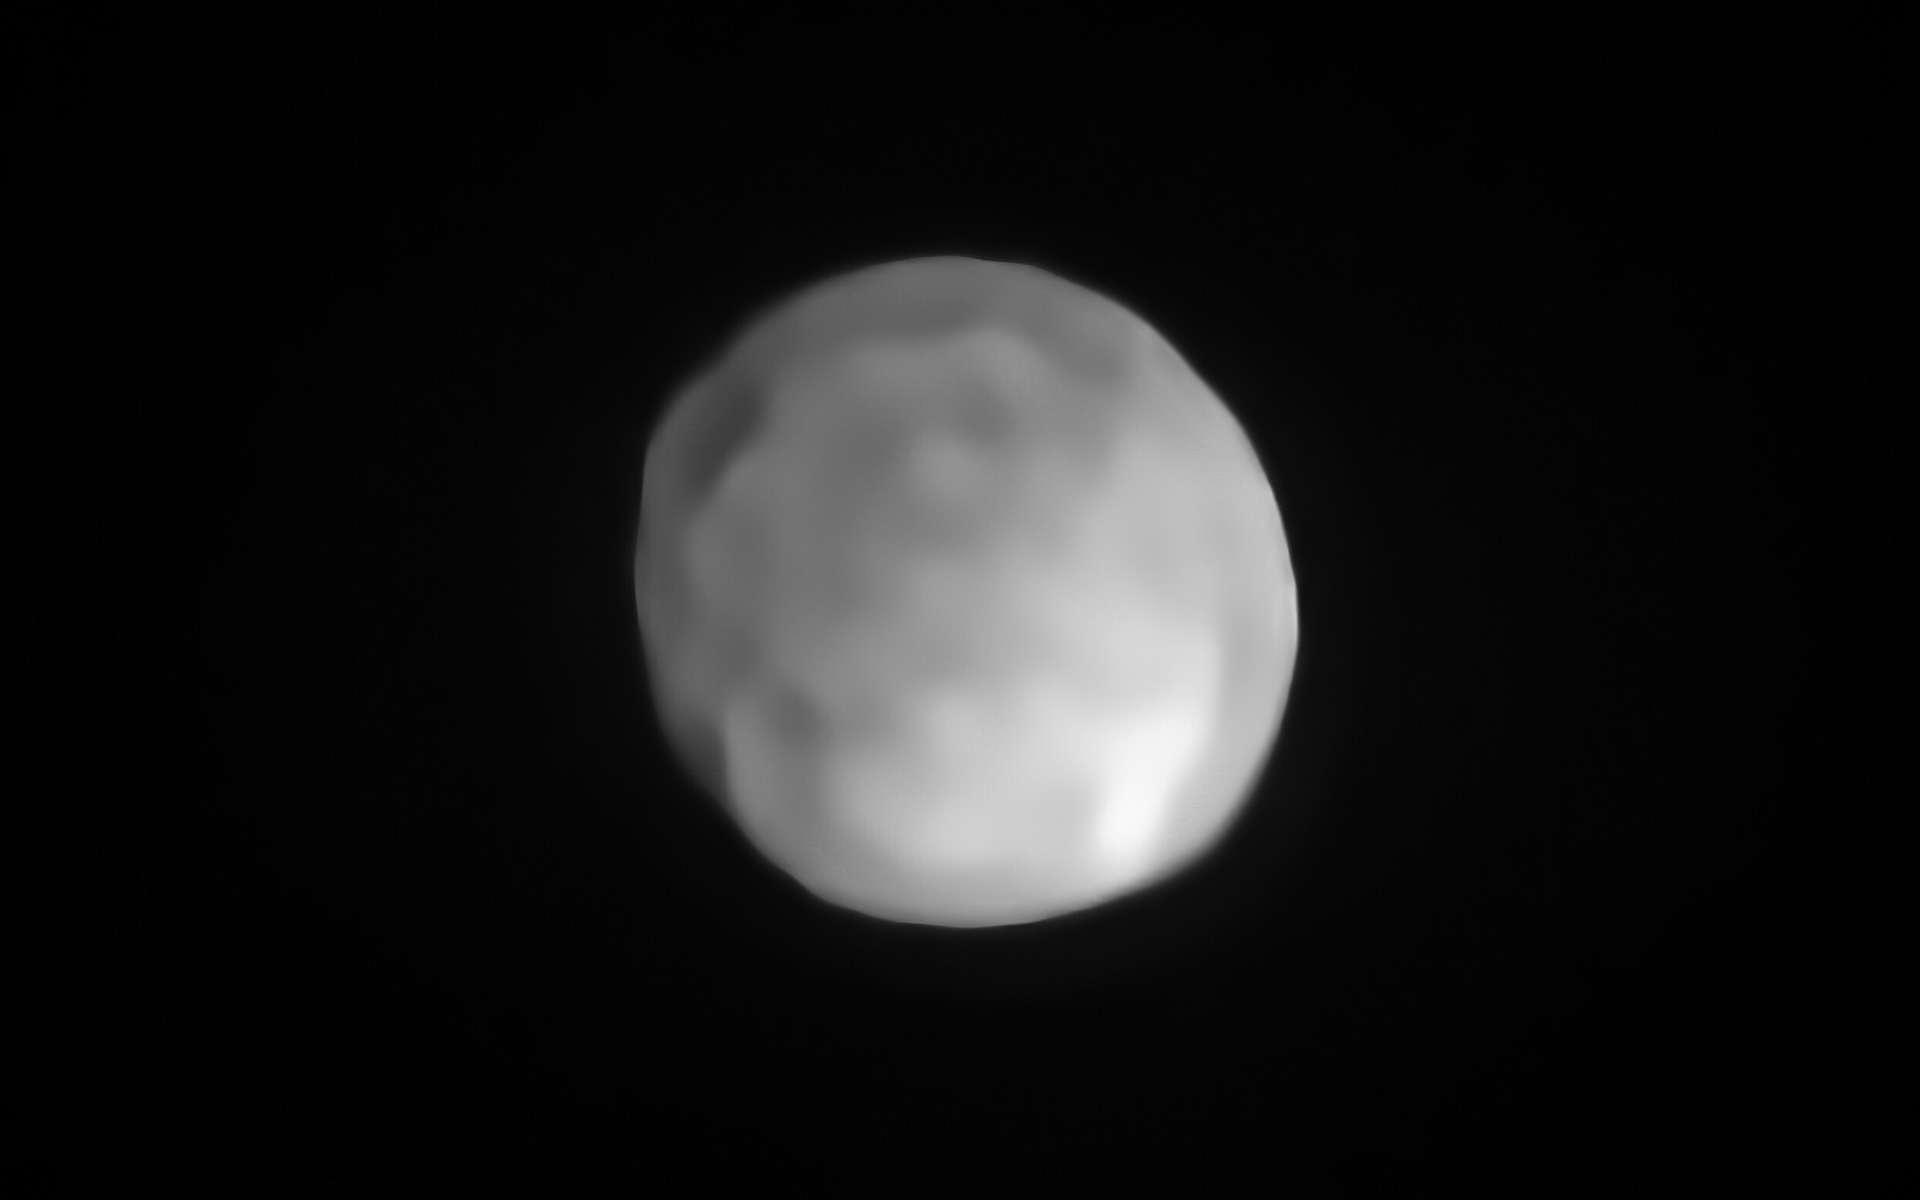 Image d'Hygiea acquise par Sphere. L'astéroïde pourrait bien être la plus petite planète naine du Système Solaire. © ESO, P. Vernazza et al., Mistral algorithm (Onera, CNRS)